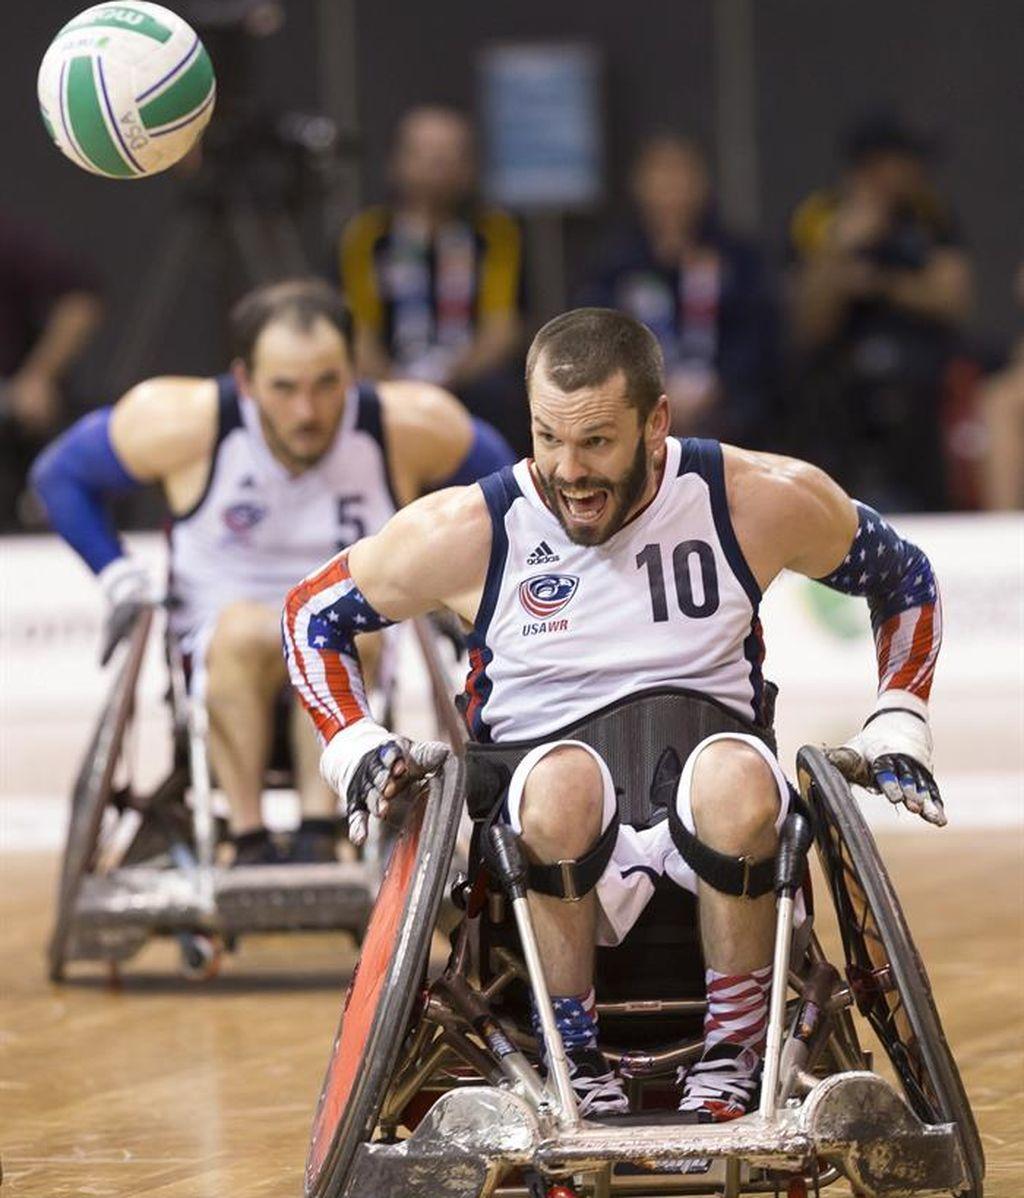 Campeonato Mundial de Rugby en silla de ruedas